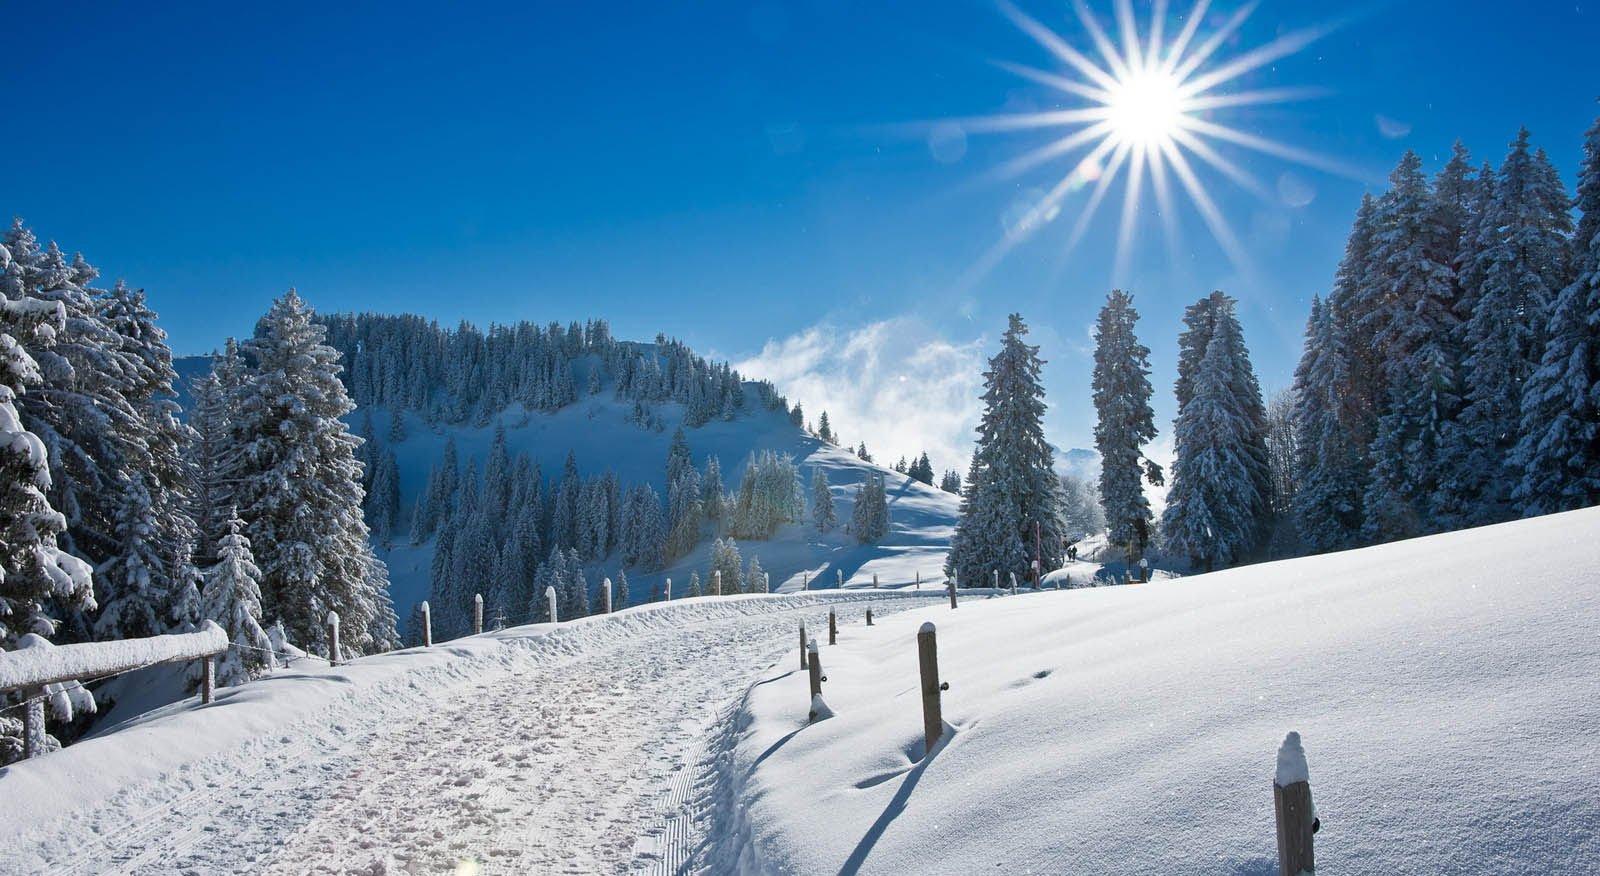 фото природа зимой скачать бесплатно